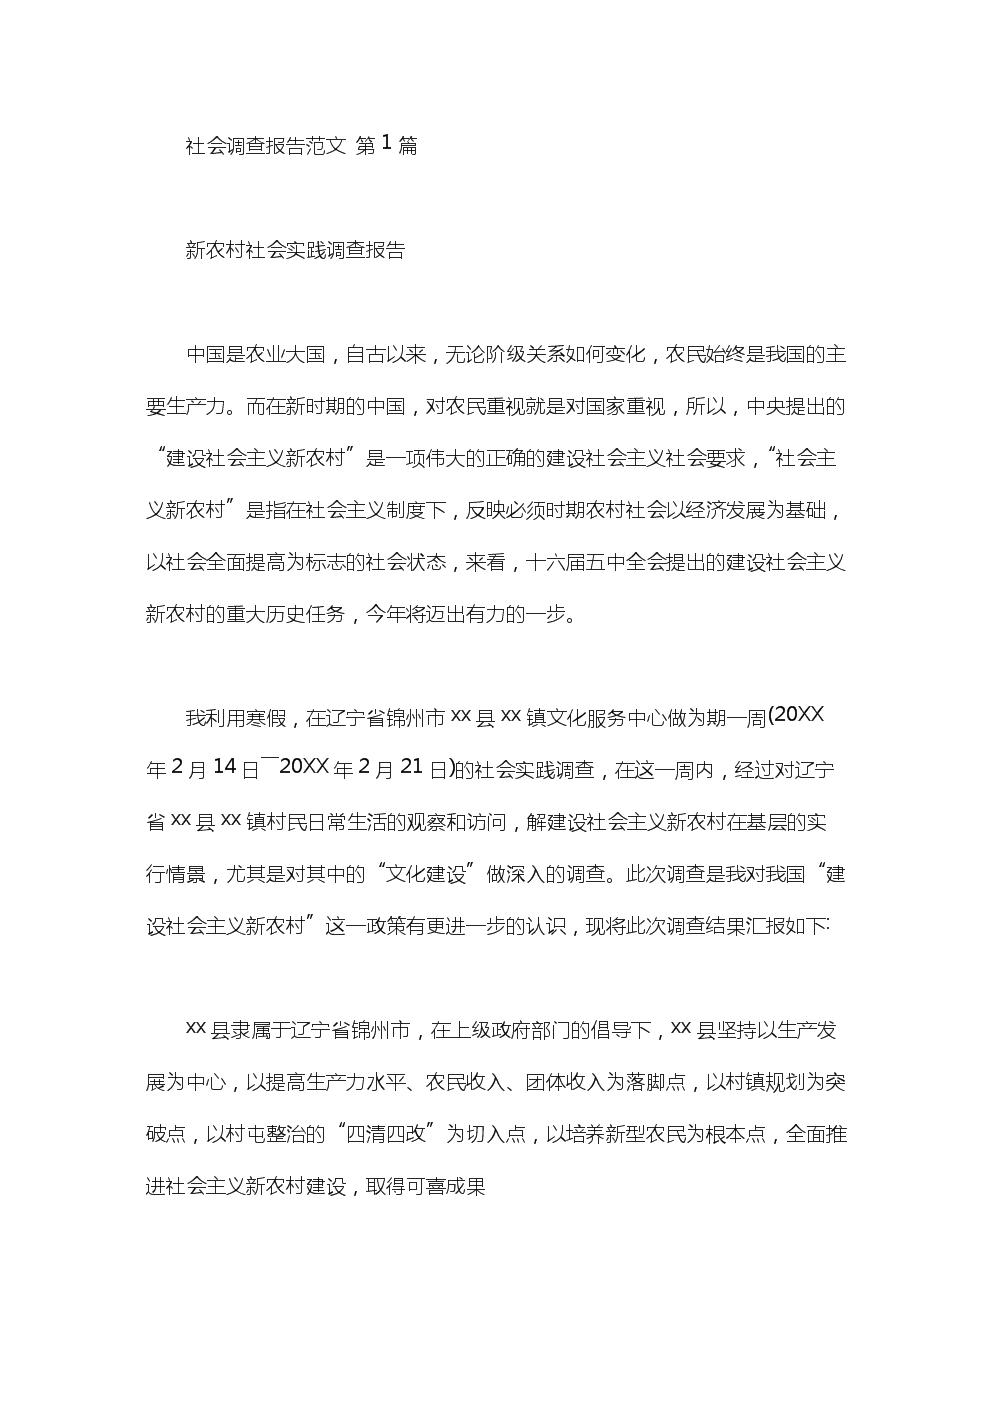 社会调查报告范文(10篇汇总).doc